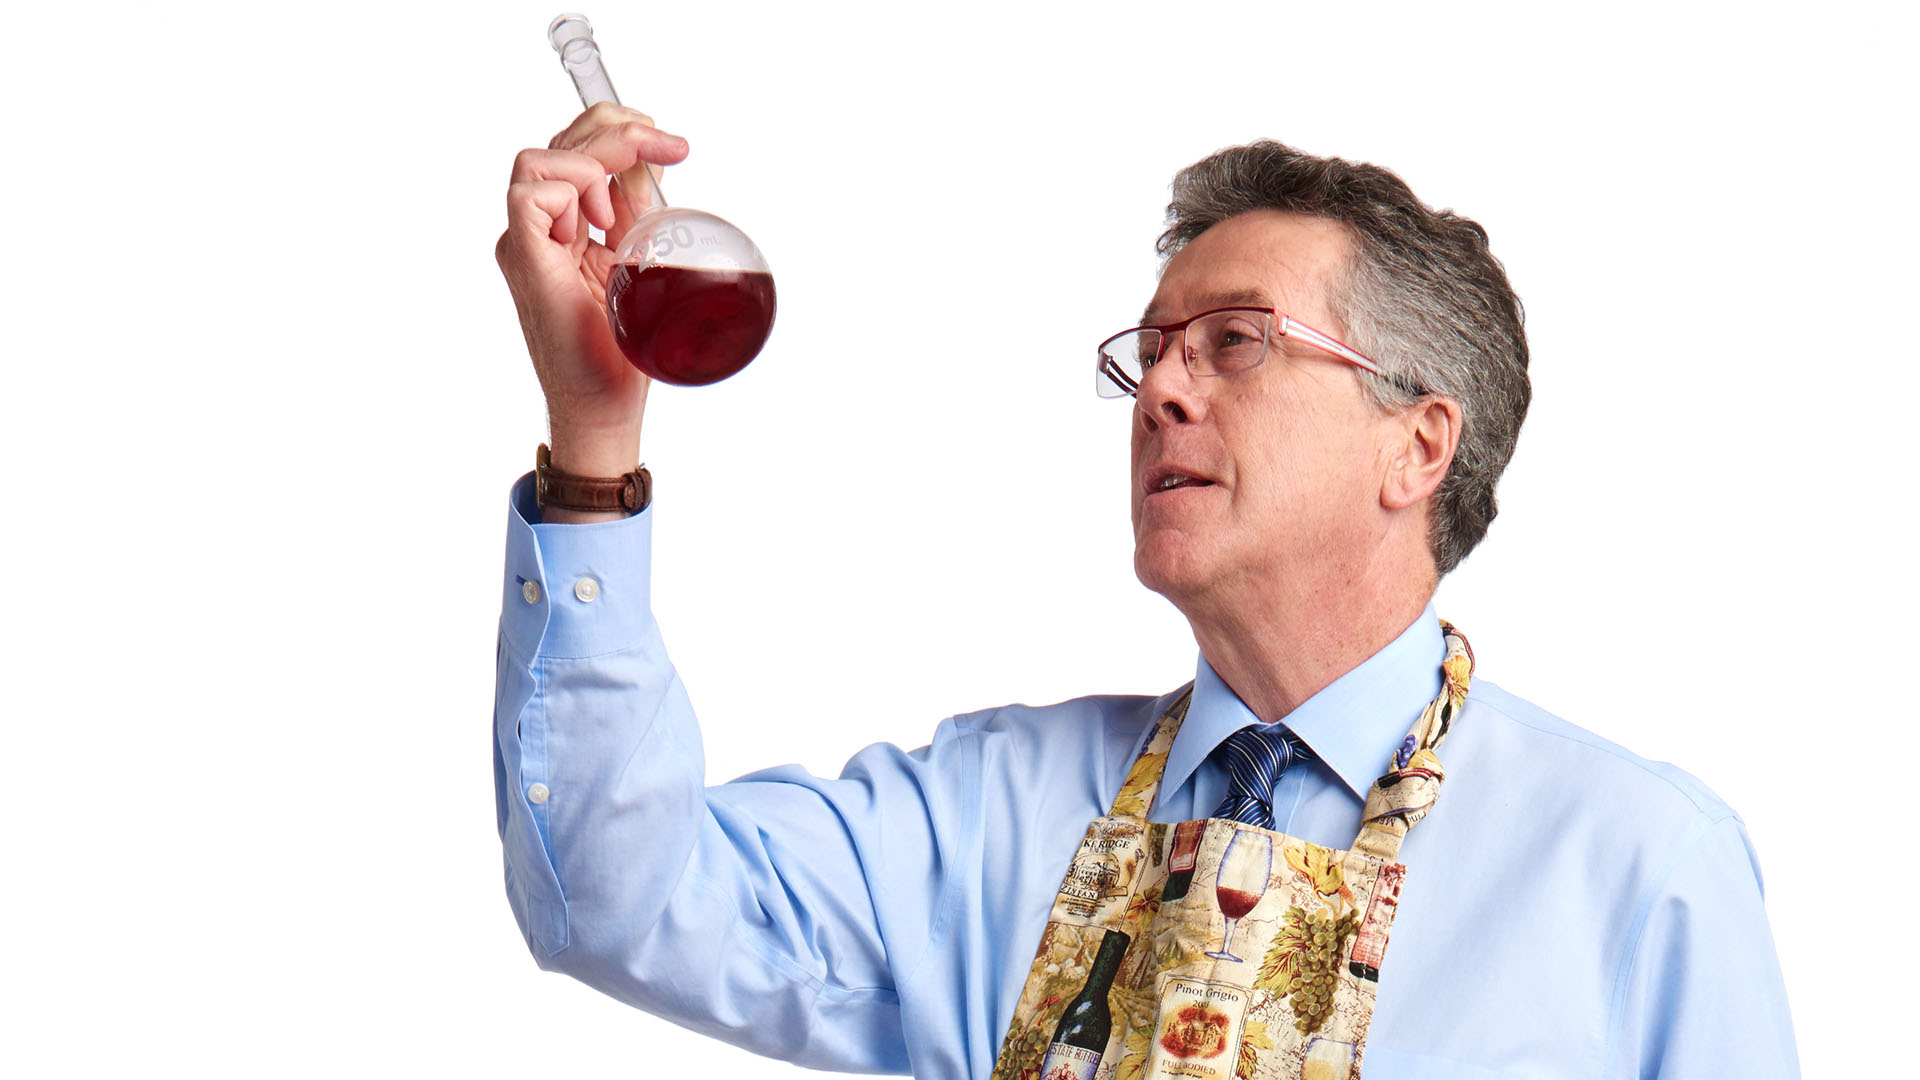 Scientist and Wine Distiller